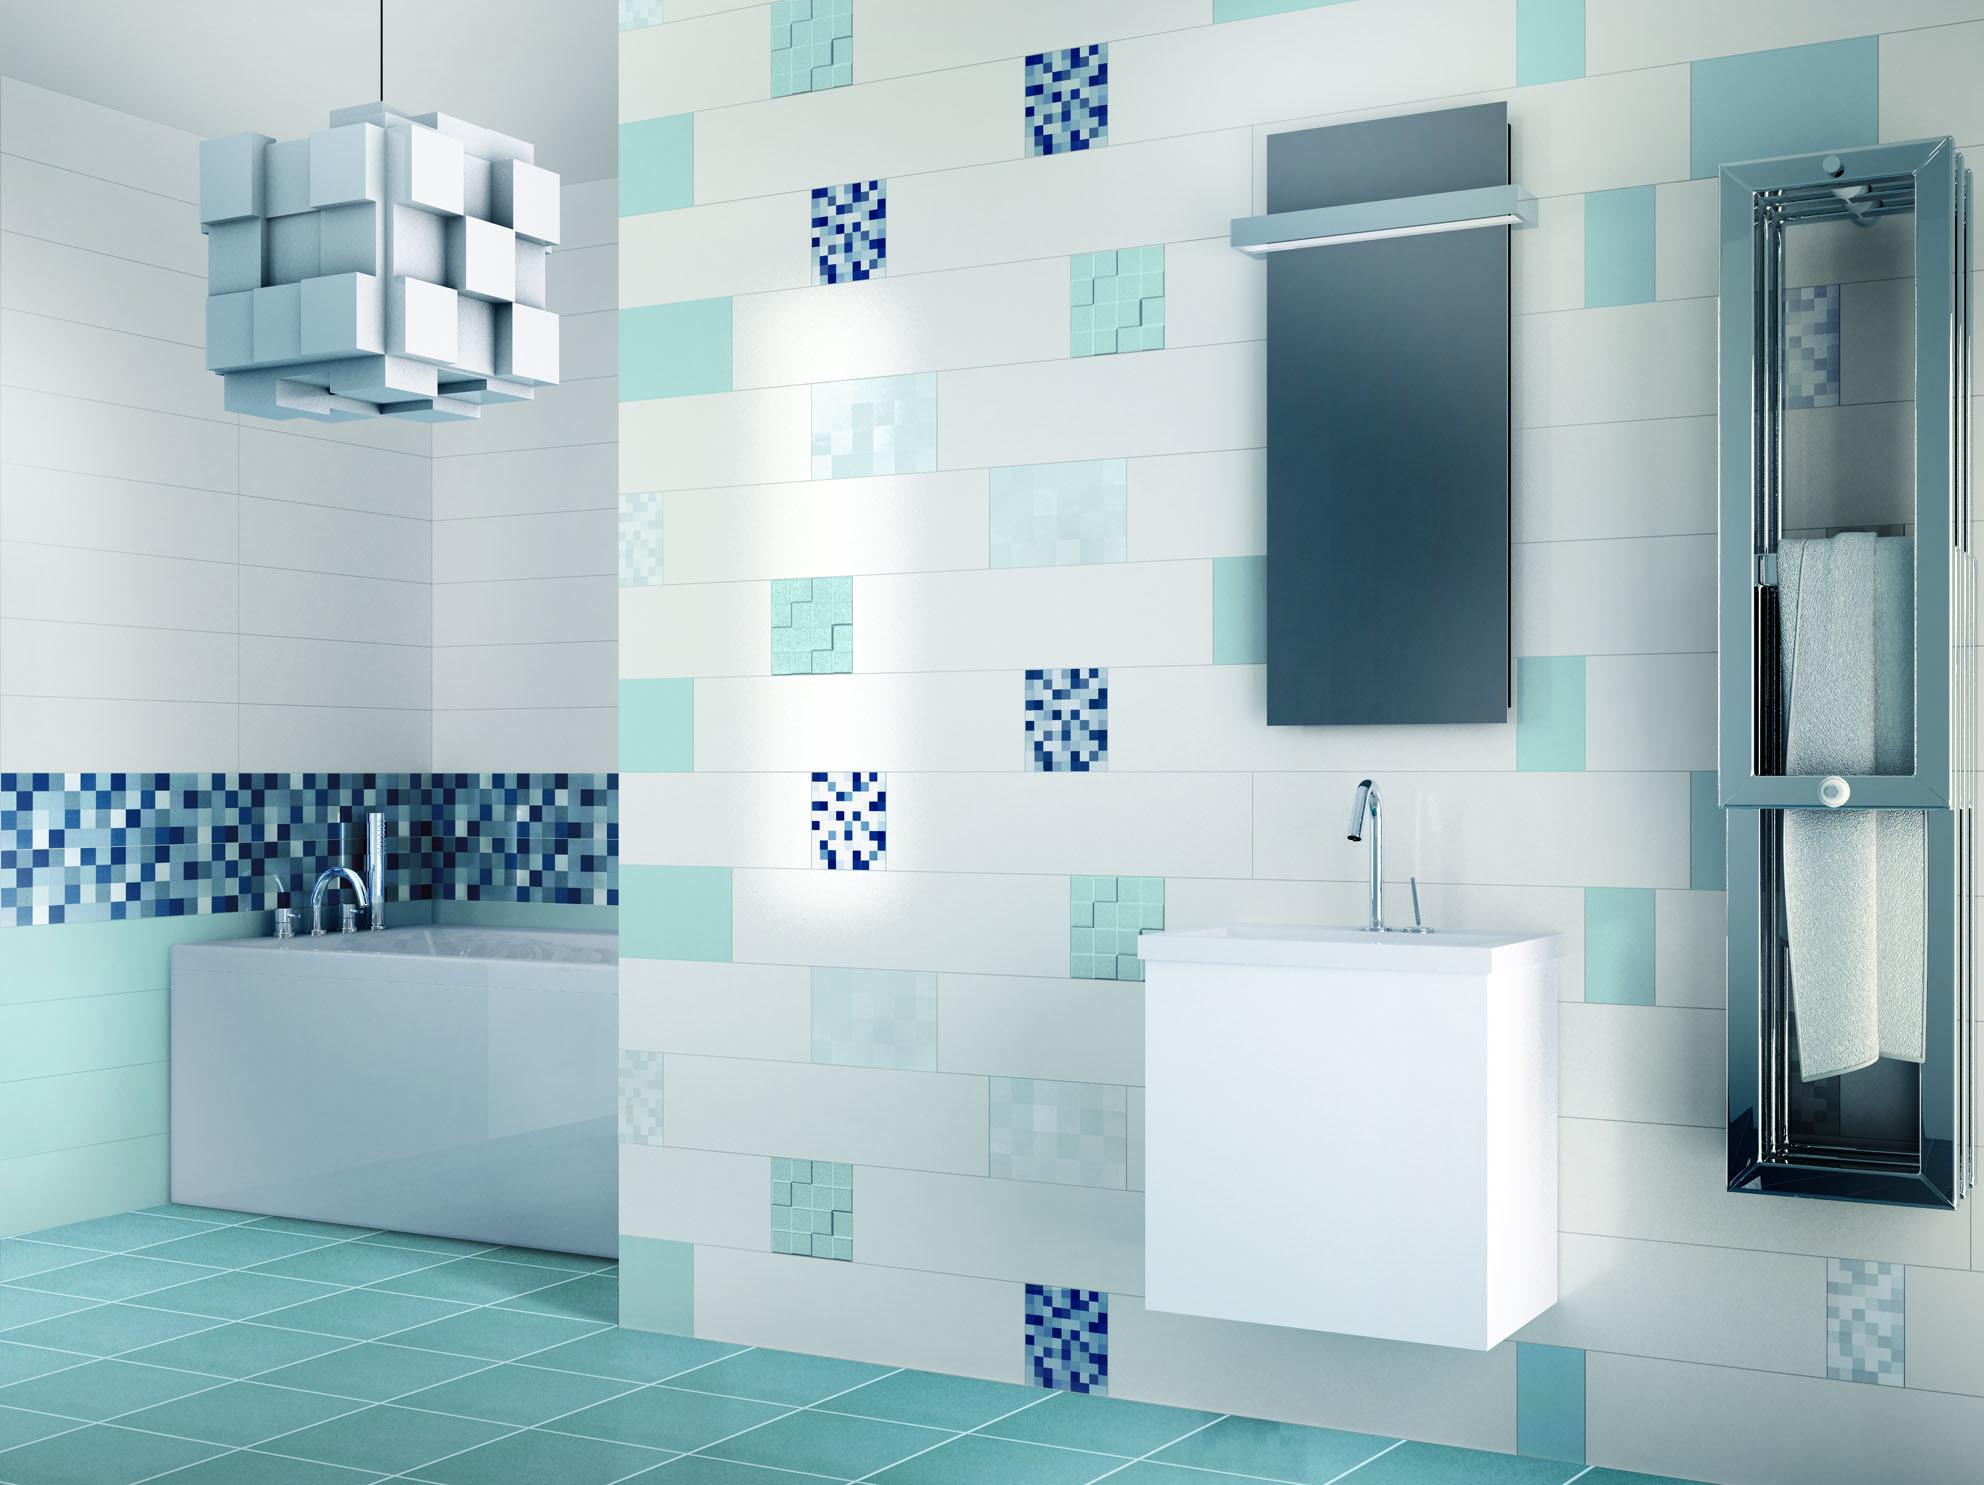 Sfondi azzurro chiaro 45 immagini - Piastrelle bagno verde chiaro ...